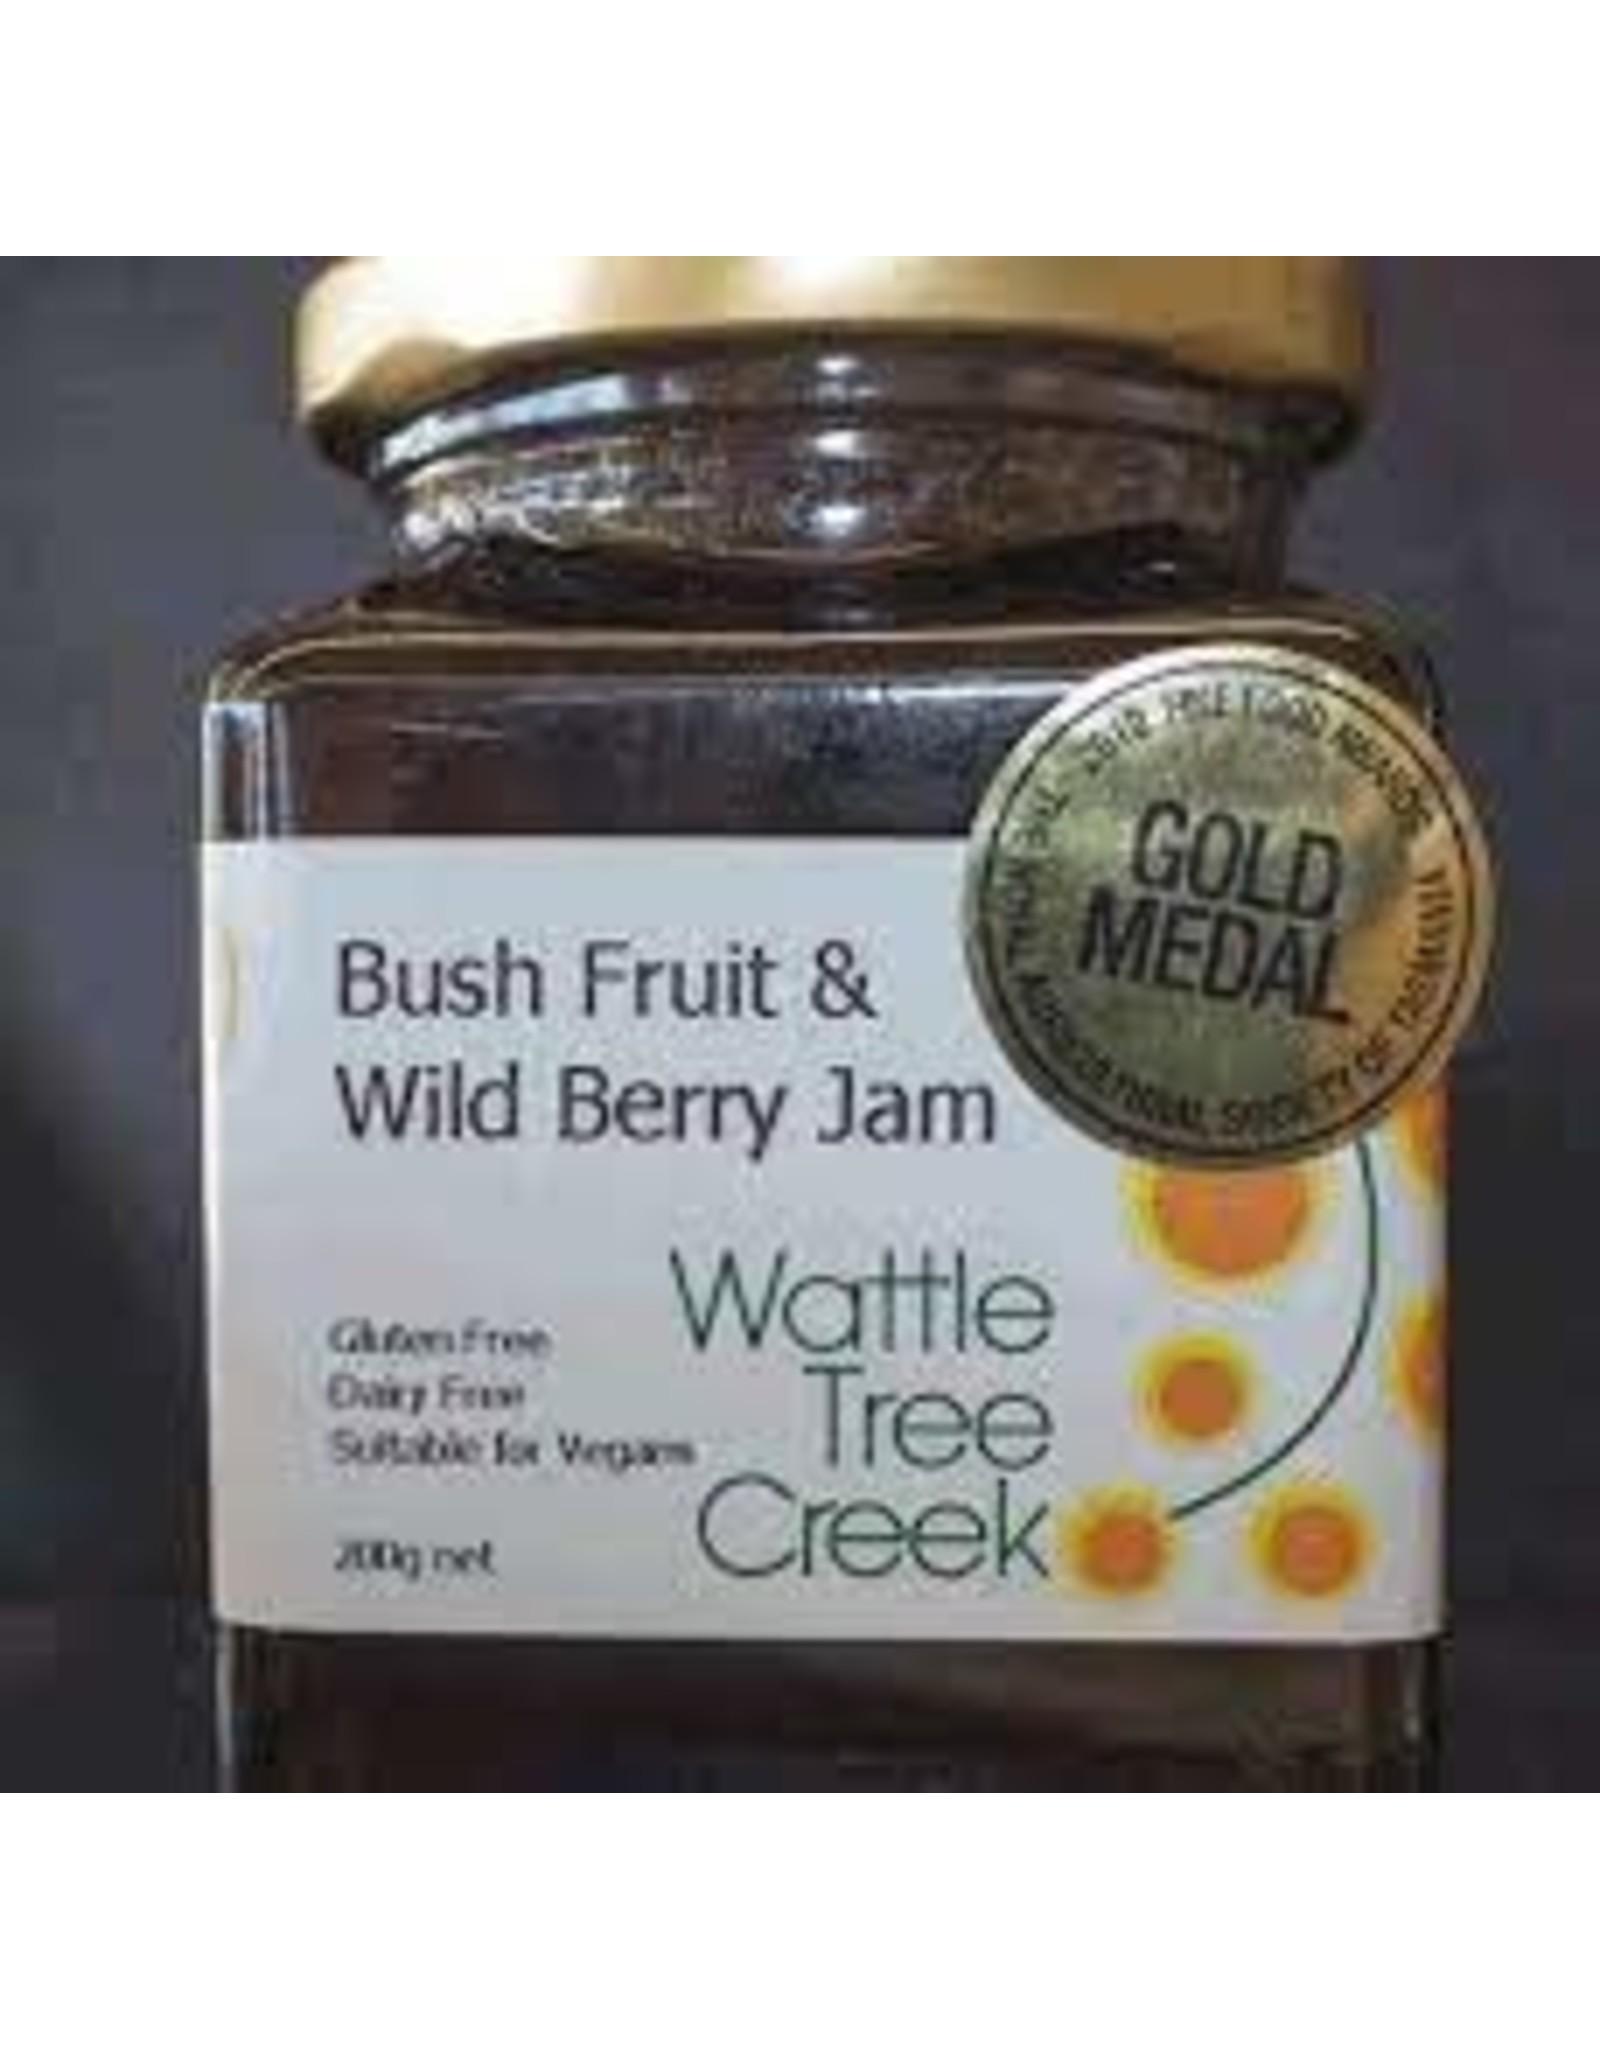 Wattle Tree Creek Bushfruit & Wild Berry Jam